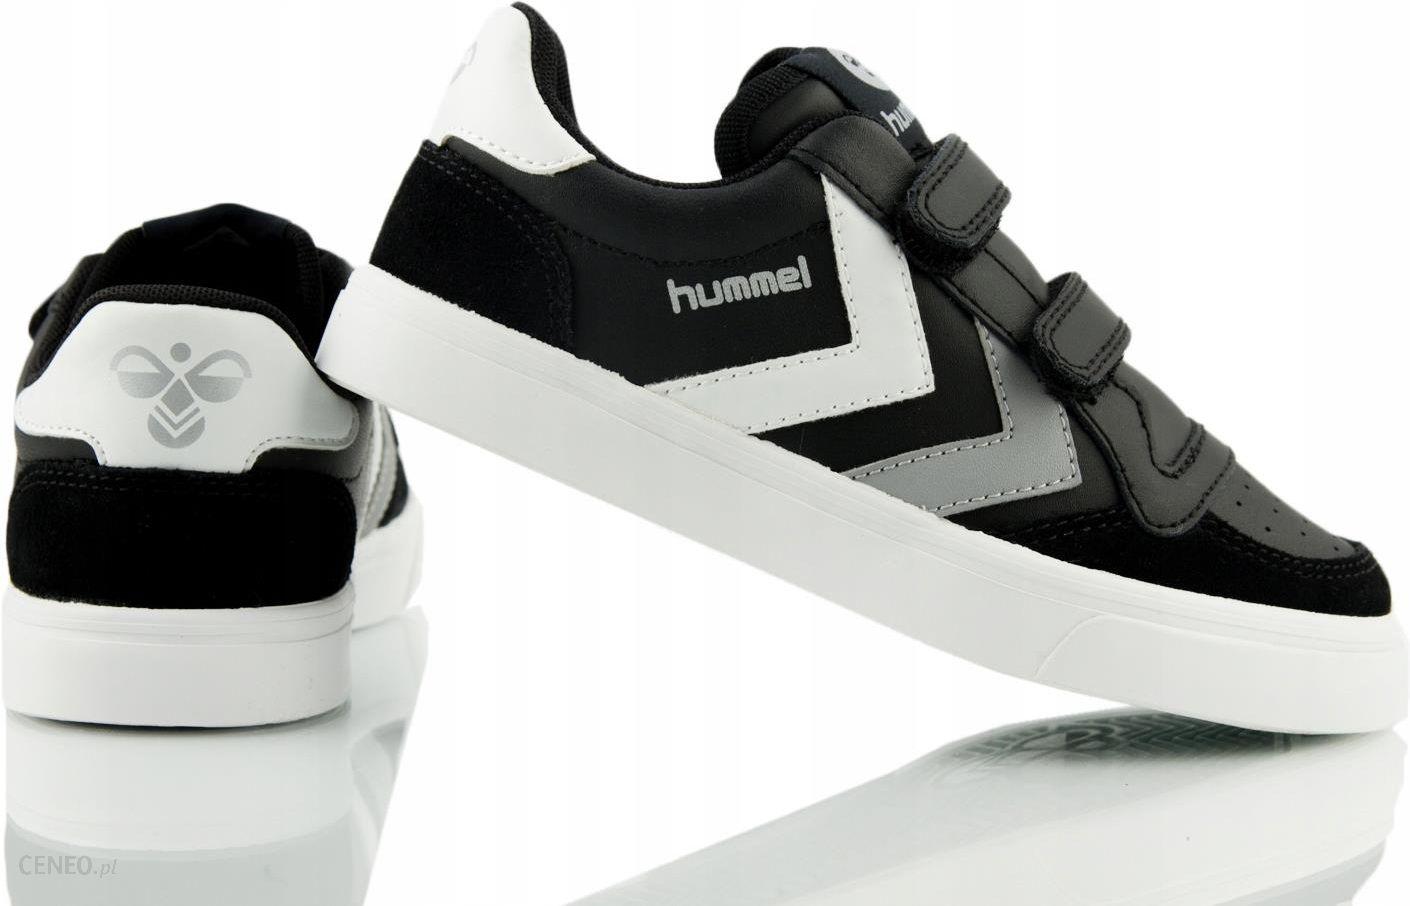 niesamowite ceny przystępna cena niepokonany x Buty HUMMEL STADIL JR LTHR dziecięce sneakers , 29 - Ceny i opinie -  Ceneo.pl